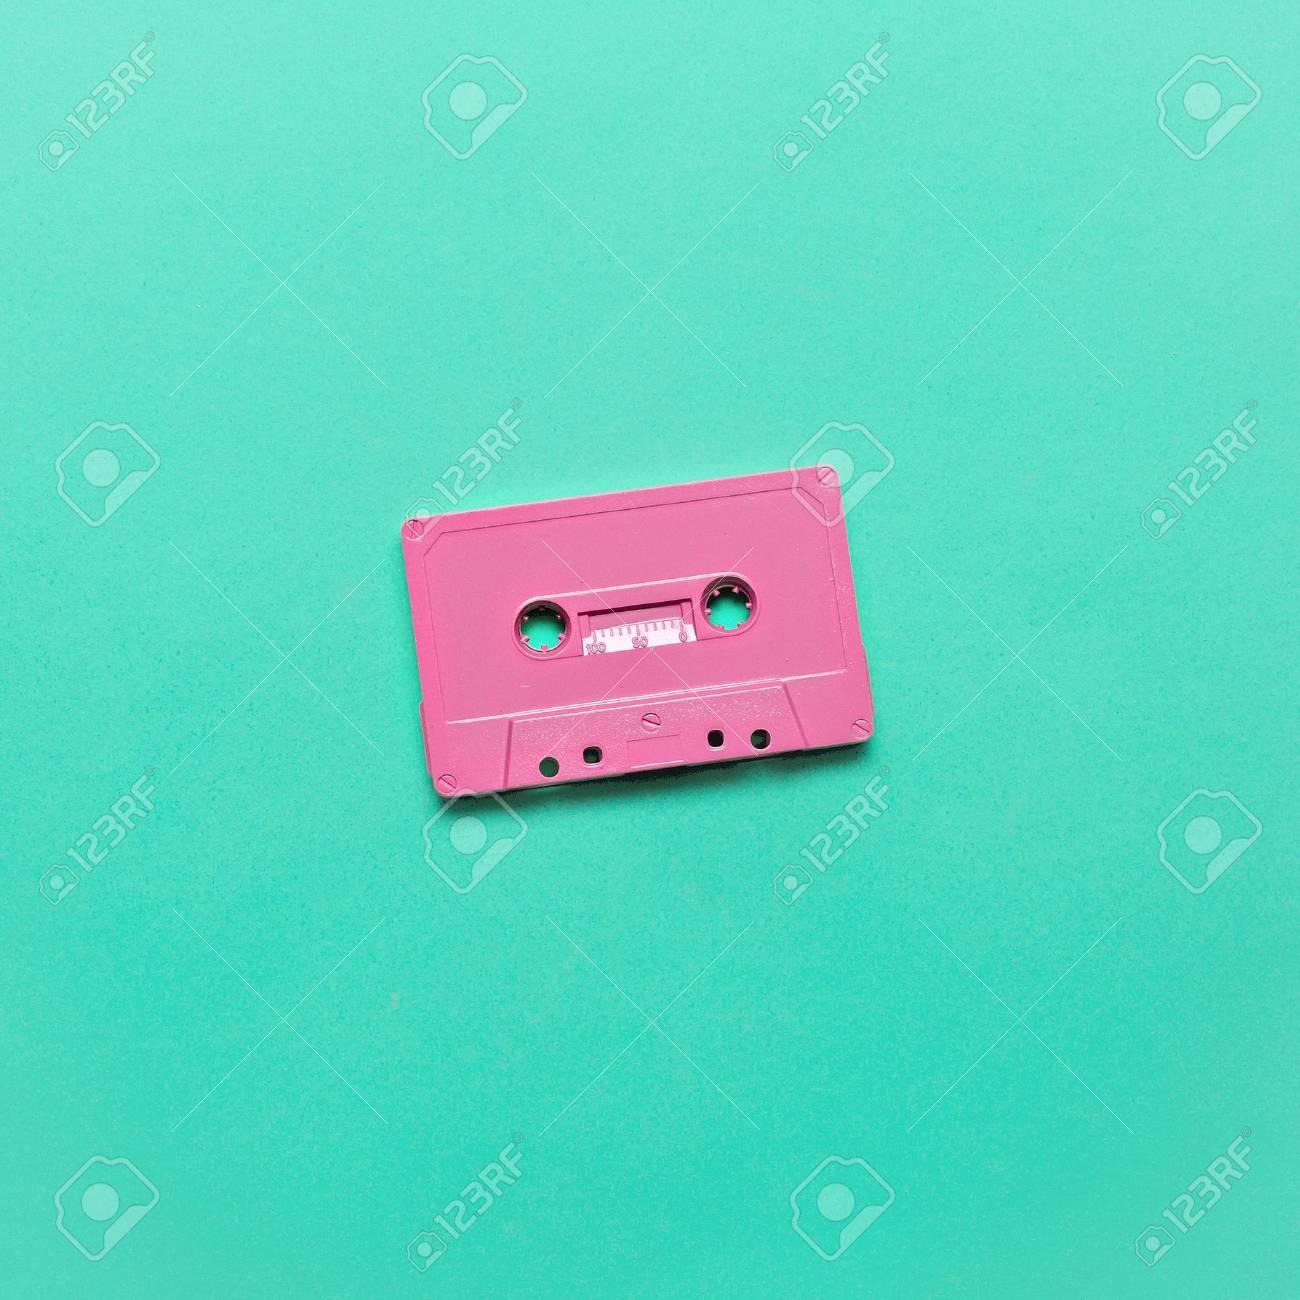 Audio cassette. Retro vibes Minimal art - 77223867